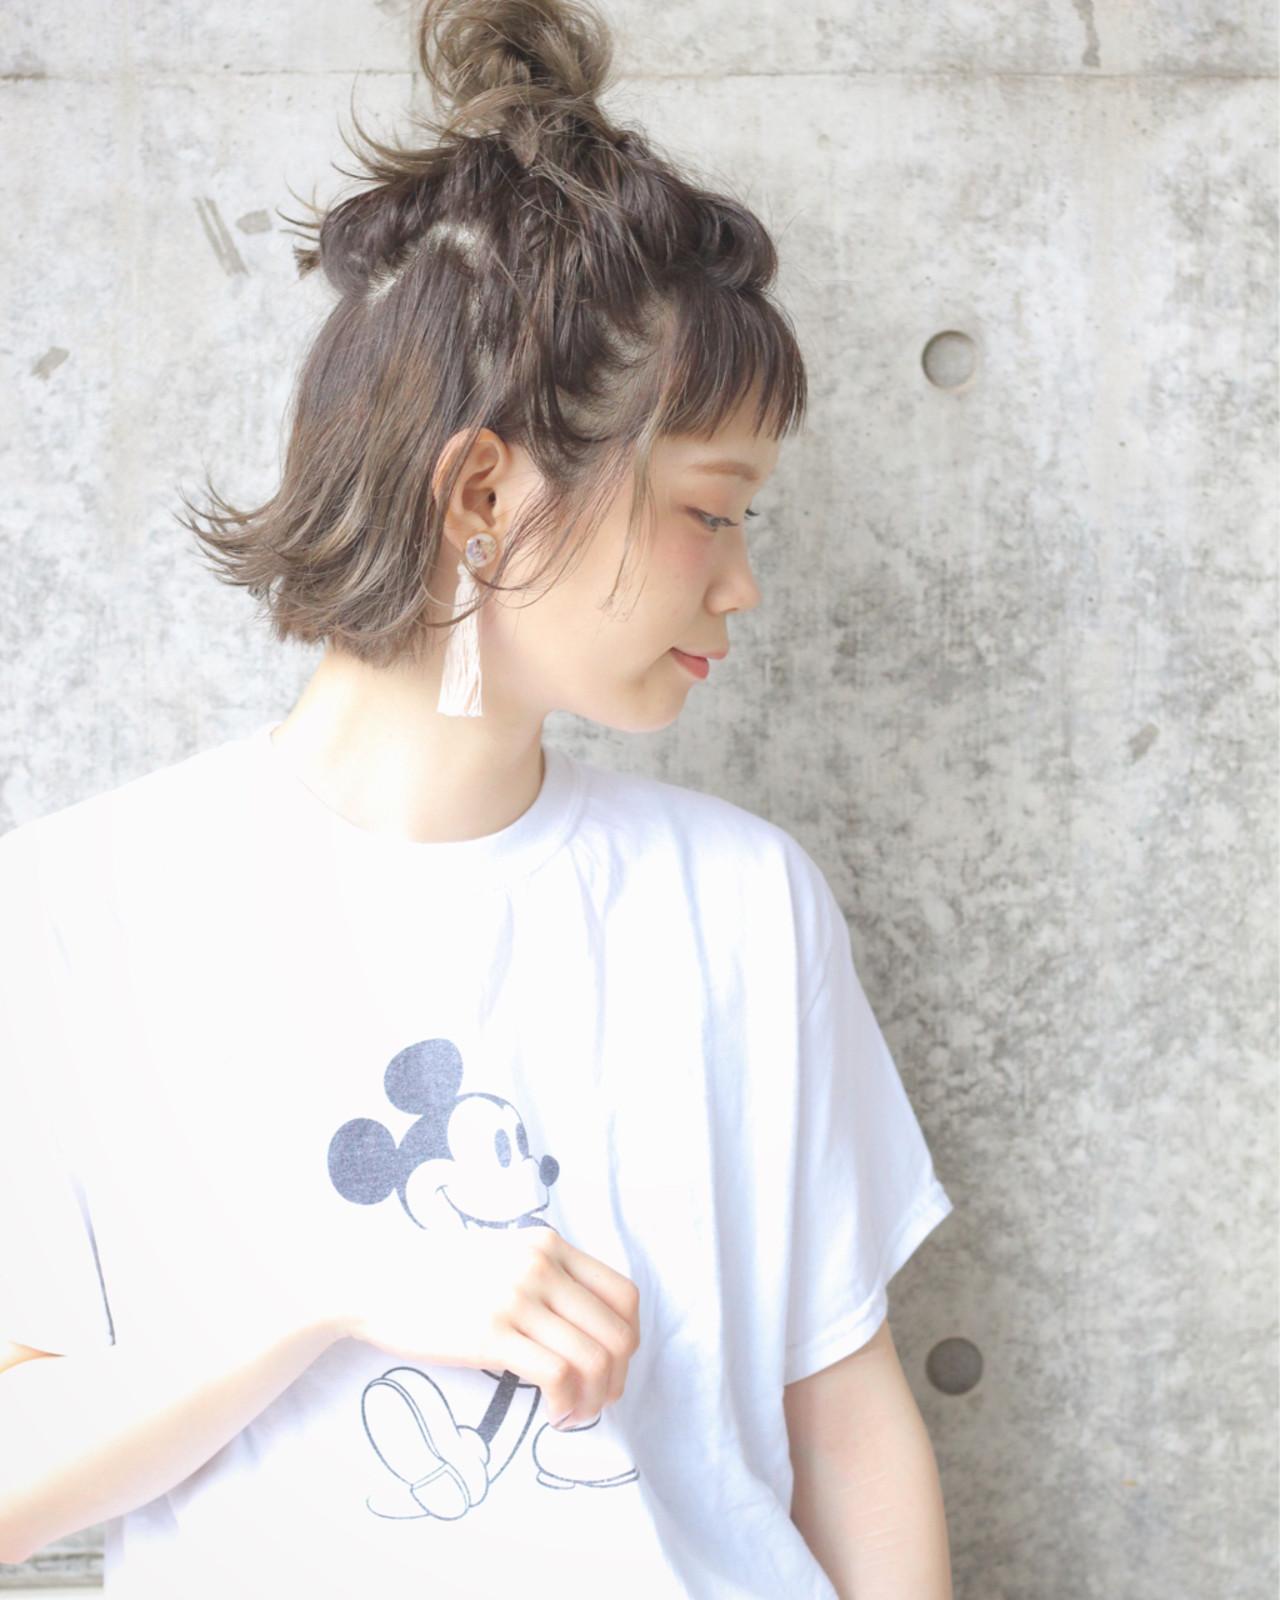 ぱっつん前髪のこなれお団子ボブハーフアップ Wataru Maeda